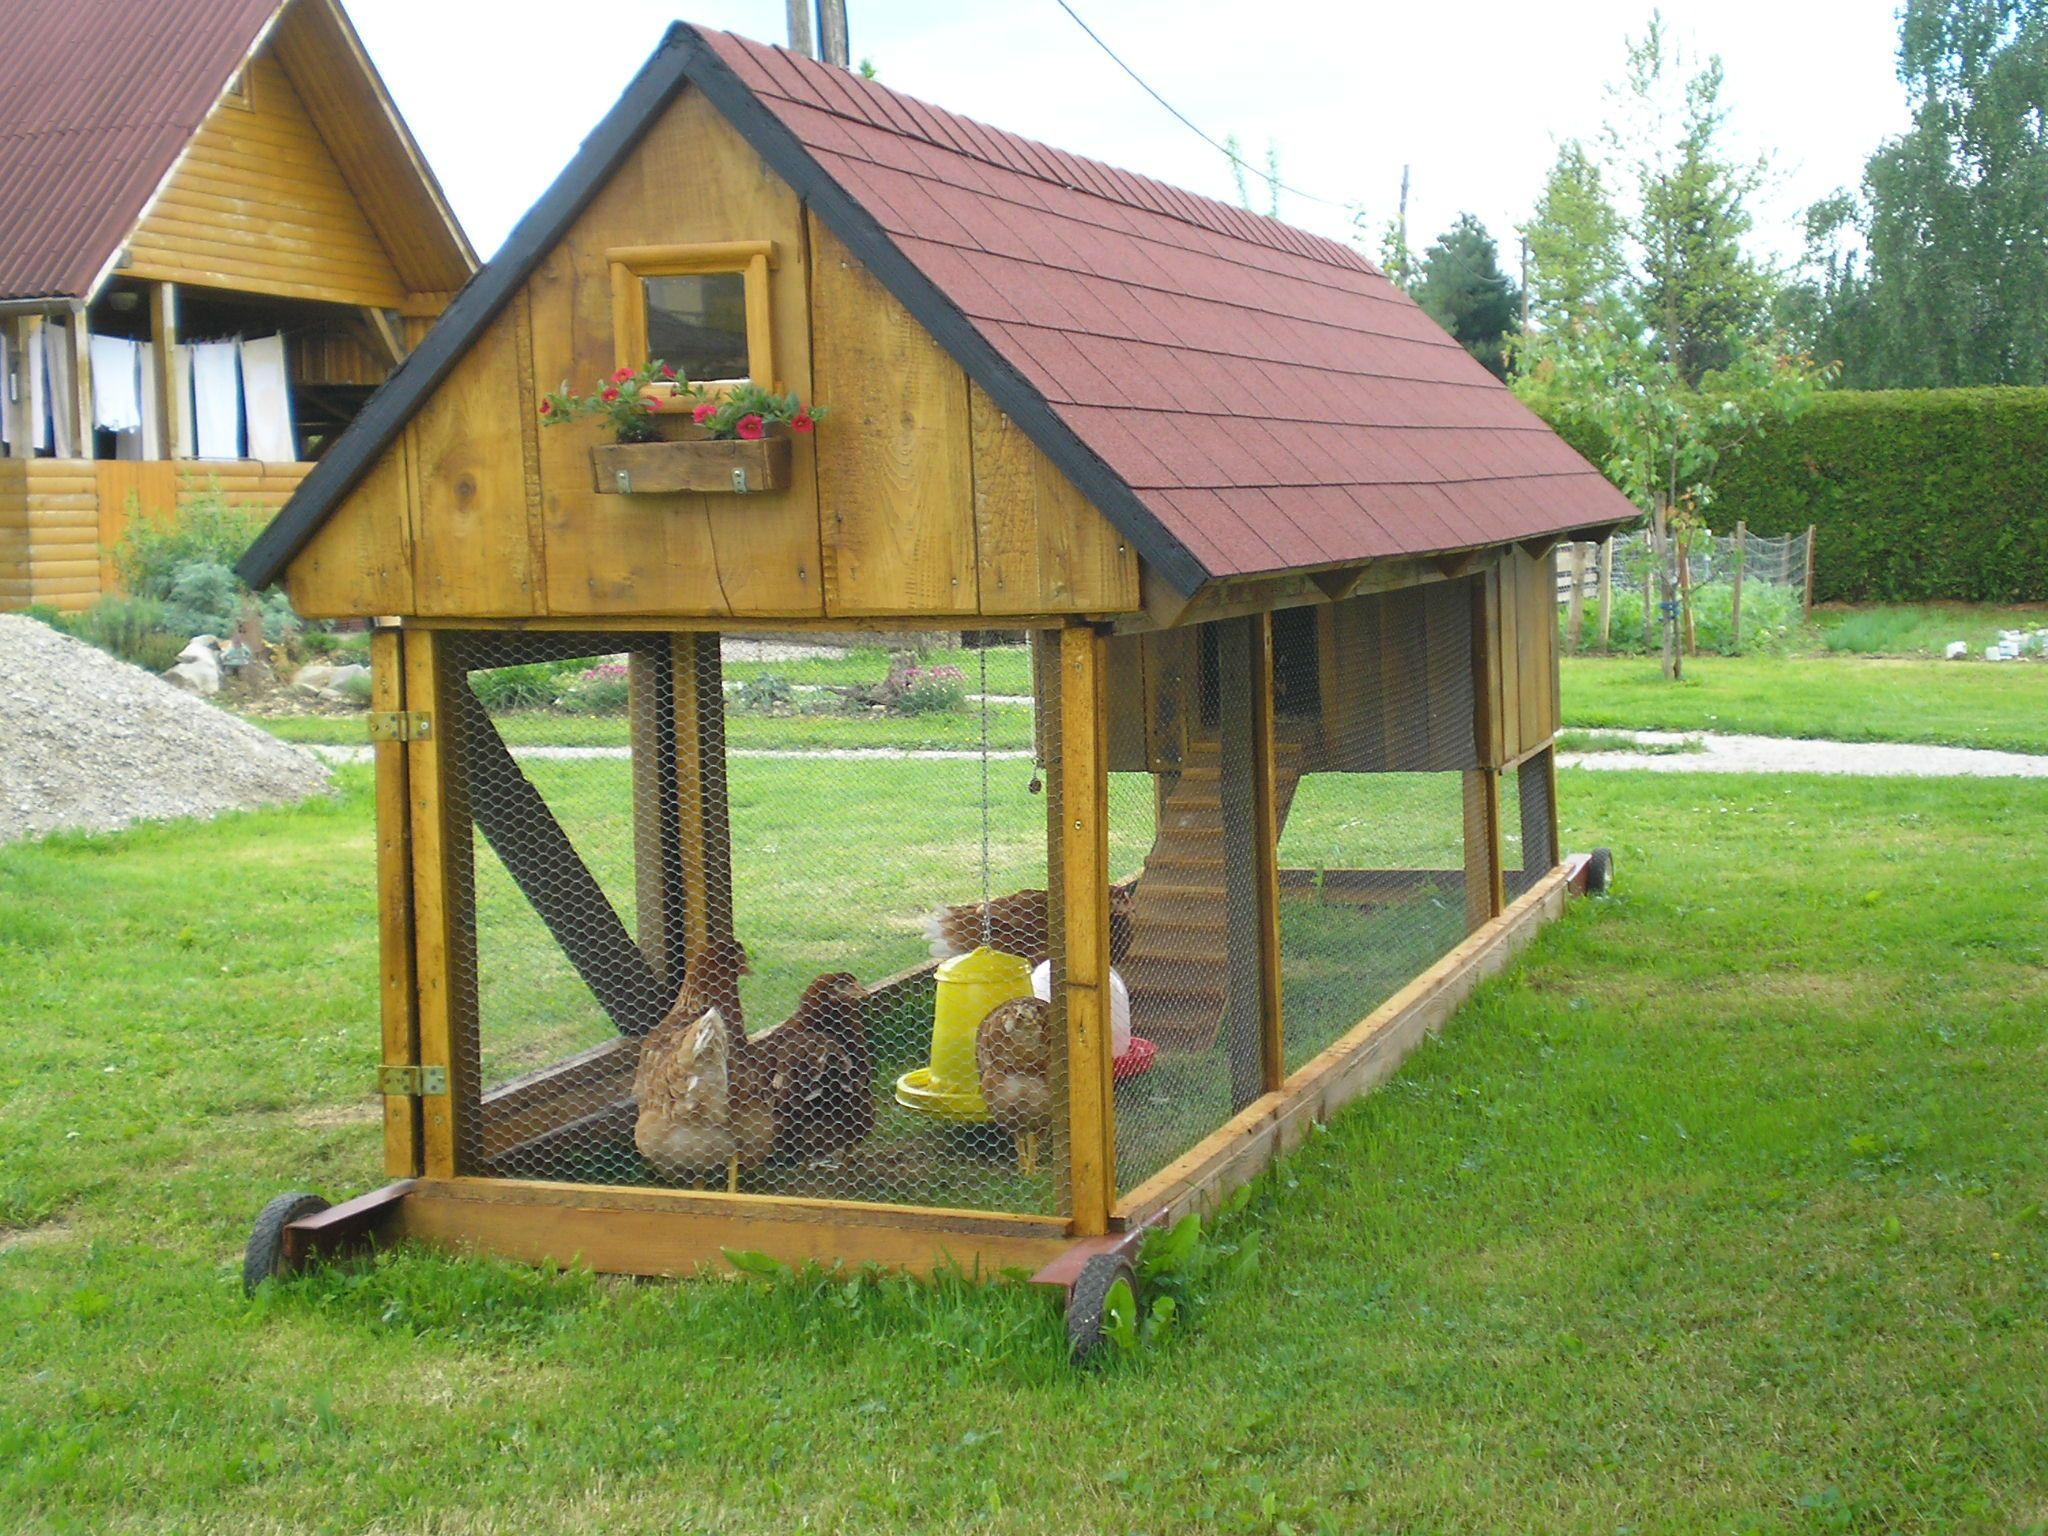 Coco Chanel Castle | Diy chicken coop plans, Chickens ...